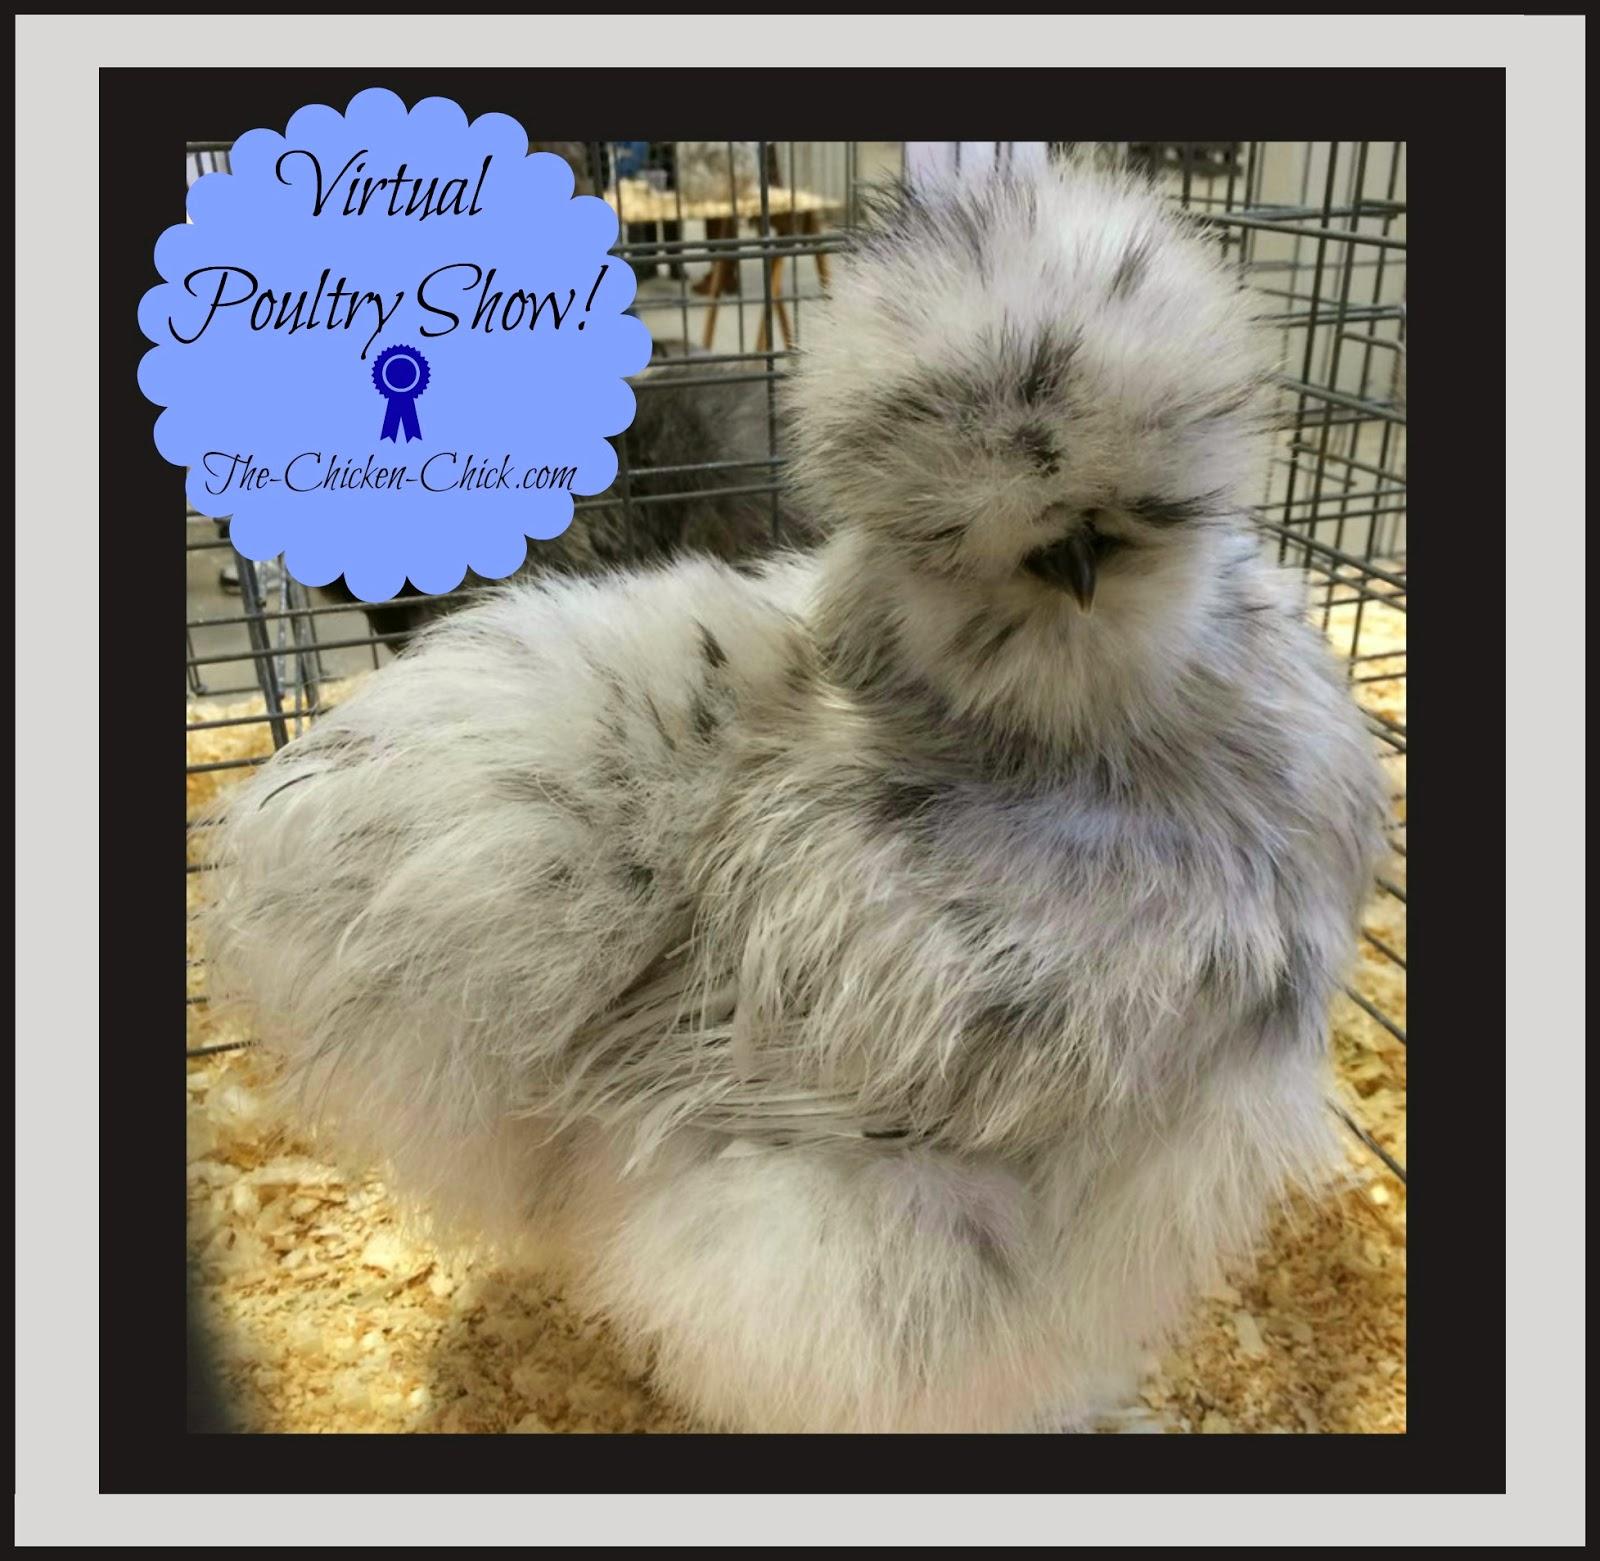 Virtual Poultry Show, Bantam Splash Sikie